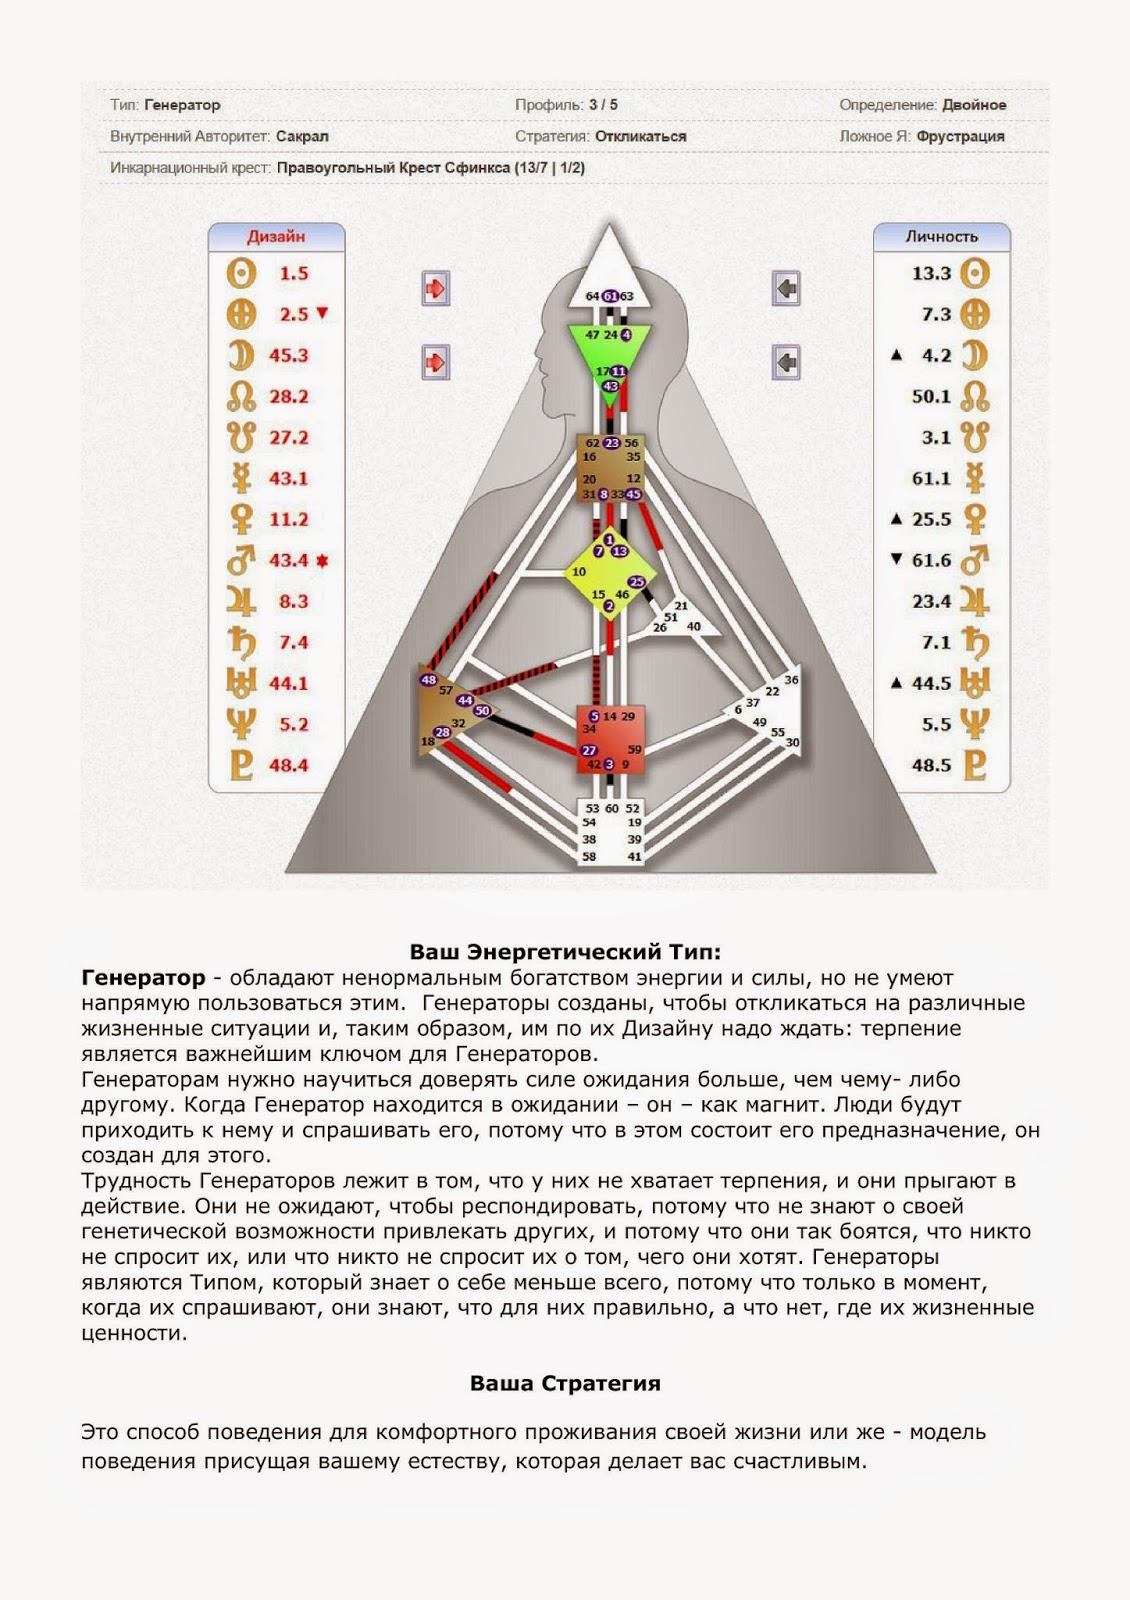 Внутренний авторитет сакрал дизайн человека описание